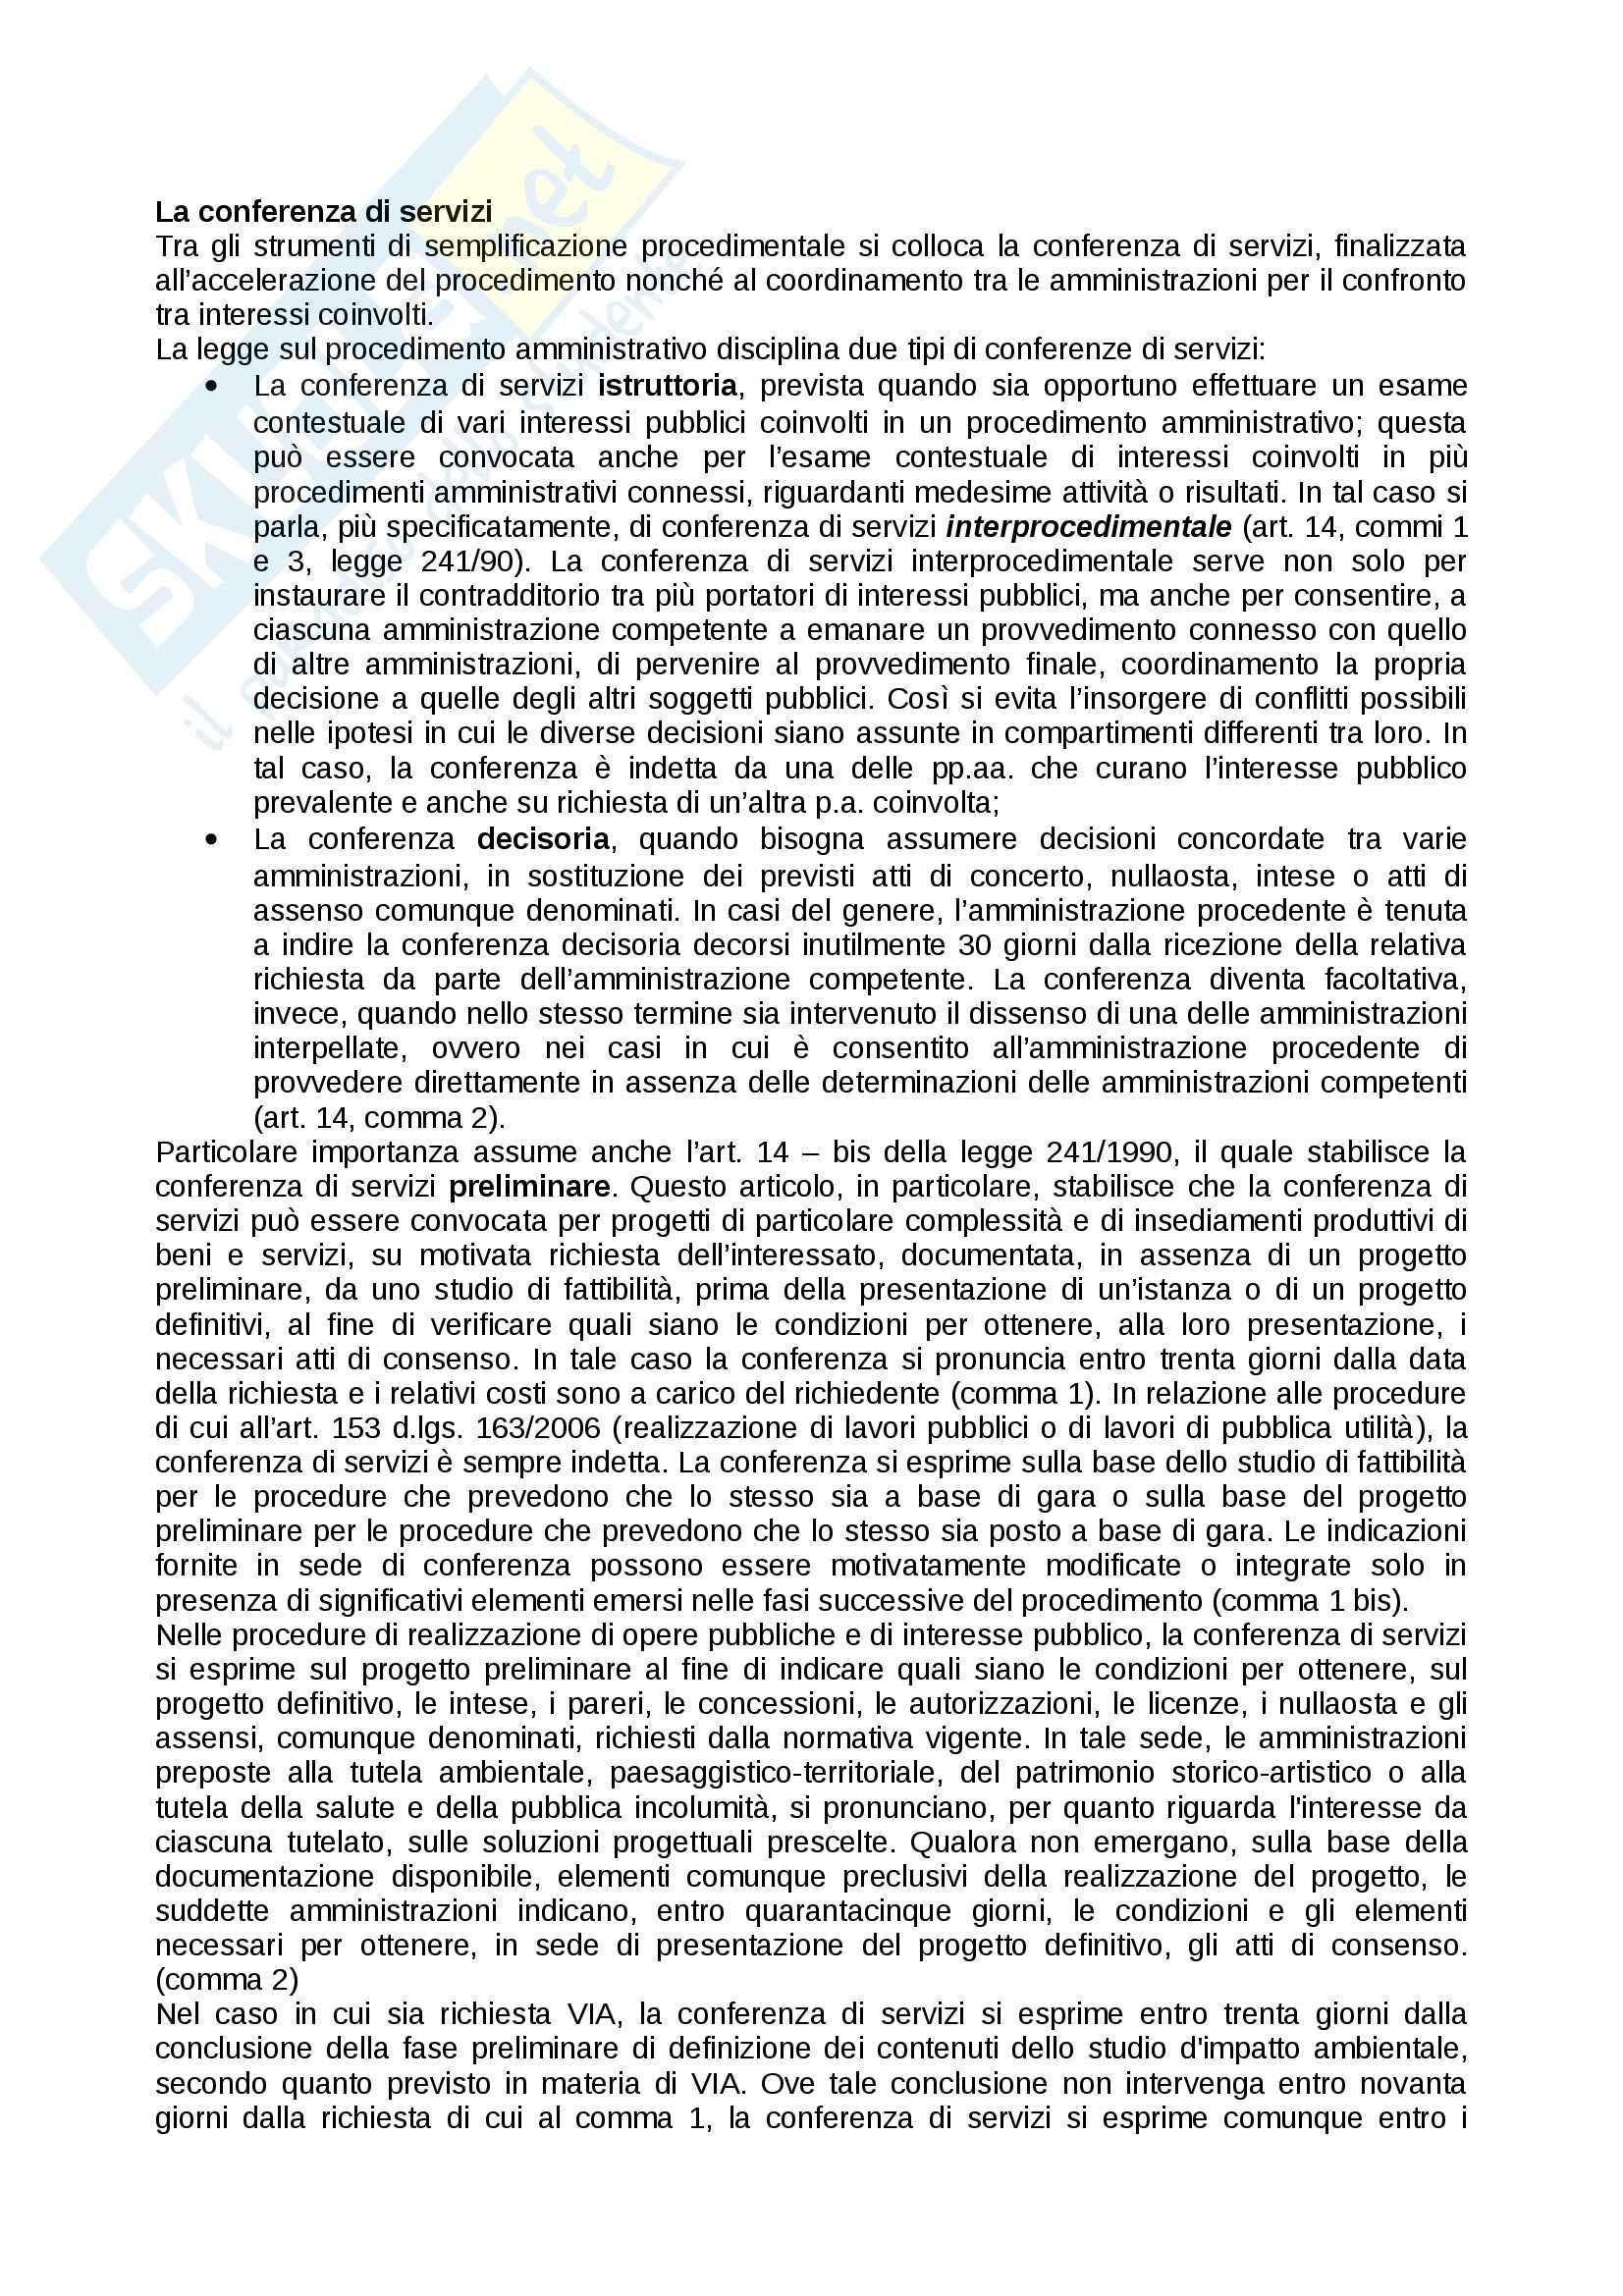 Conferenza di servizi, Diritto amministrativo I